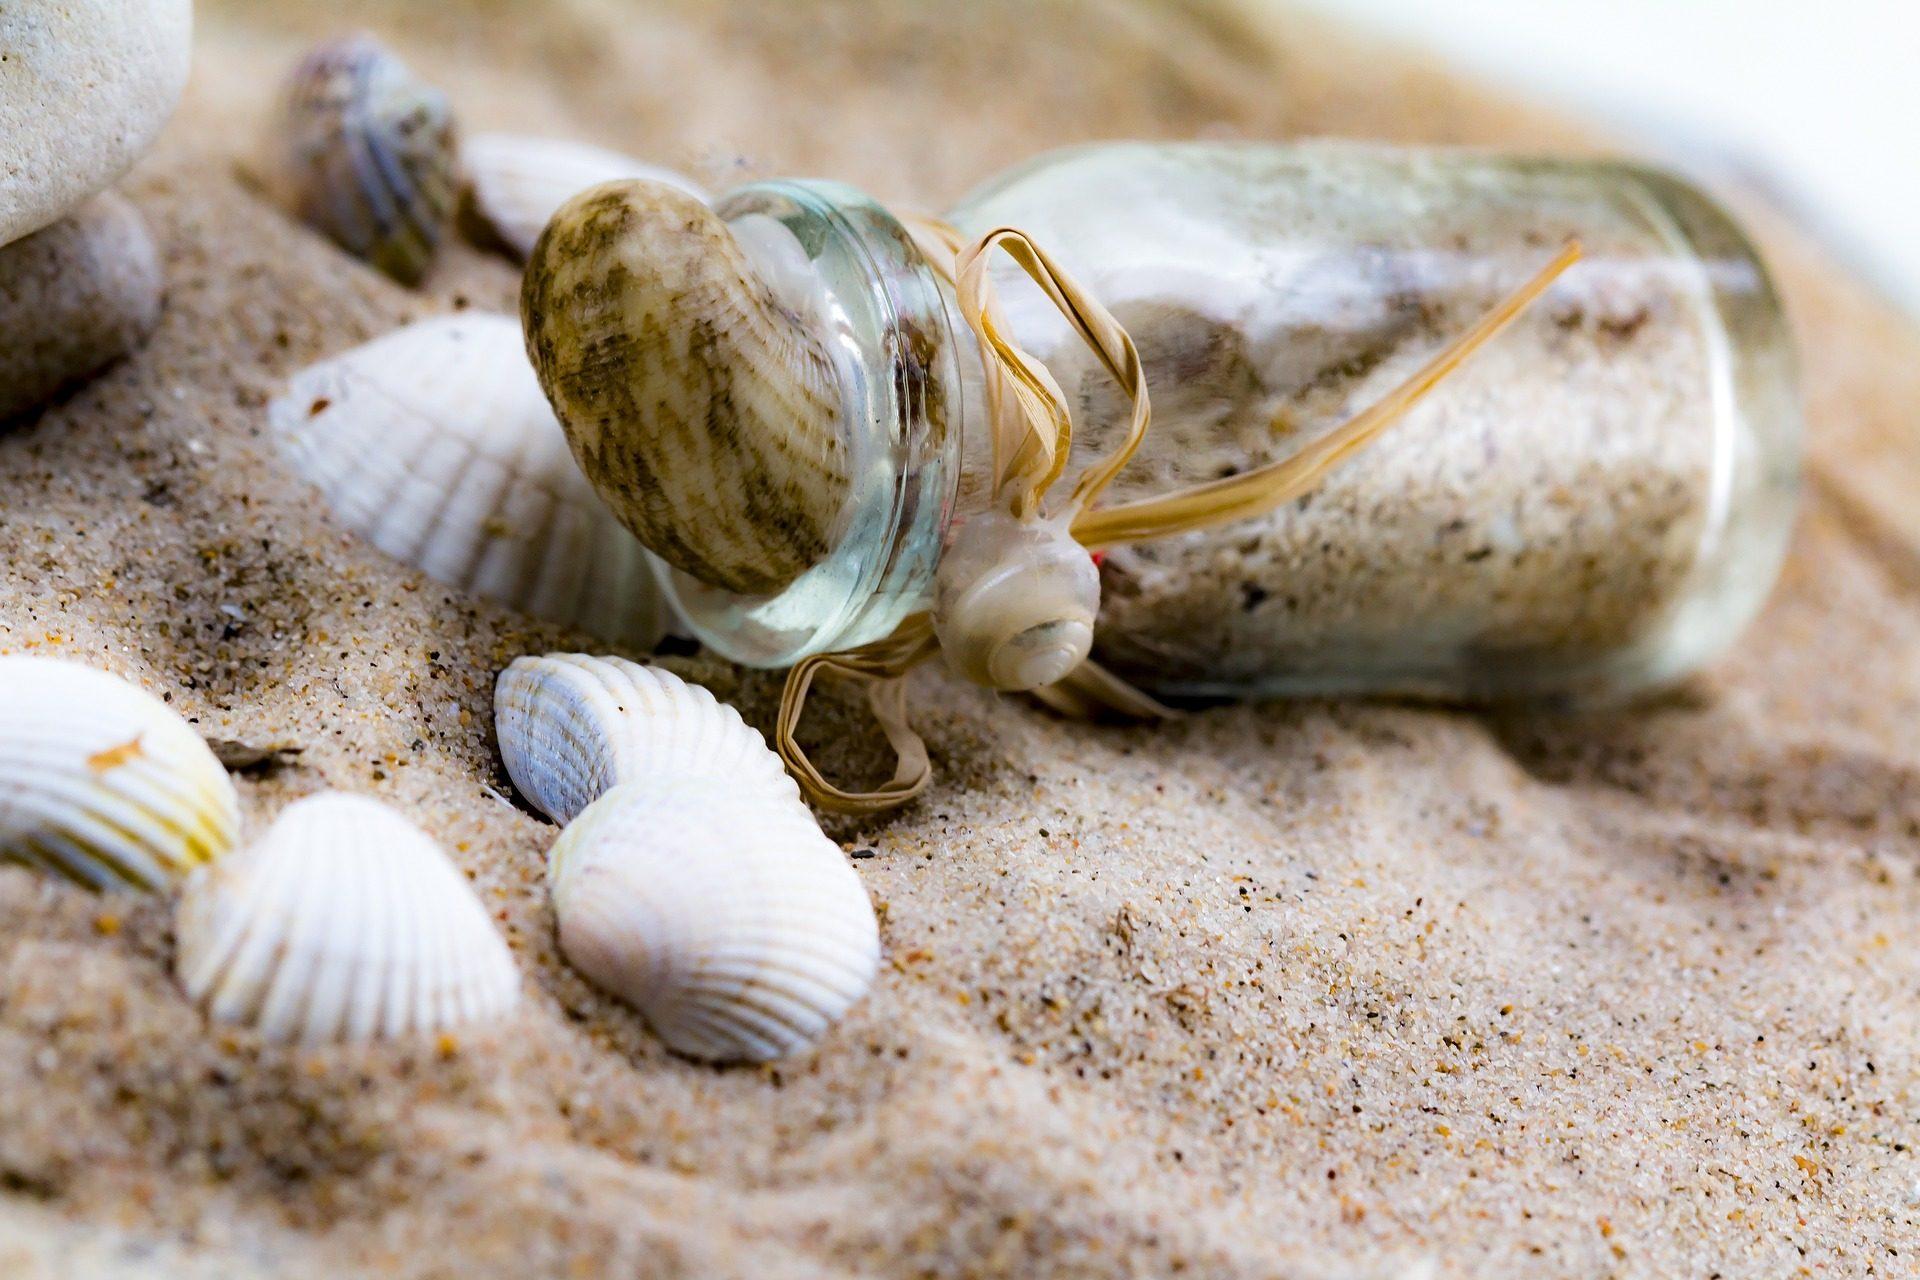 الرمال, قذائف, زجاجة, قارب, الشاطئ, أصداف بحرية - خلفيات عالية الدقة - أستاذ falken.com